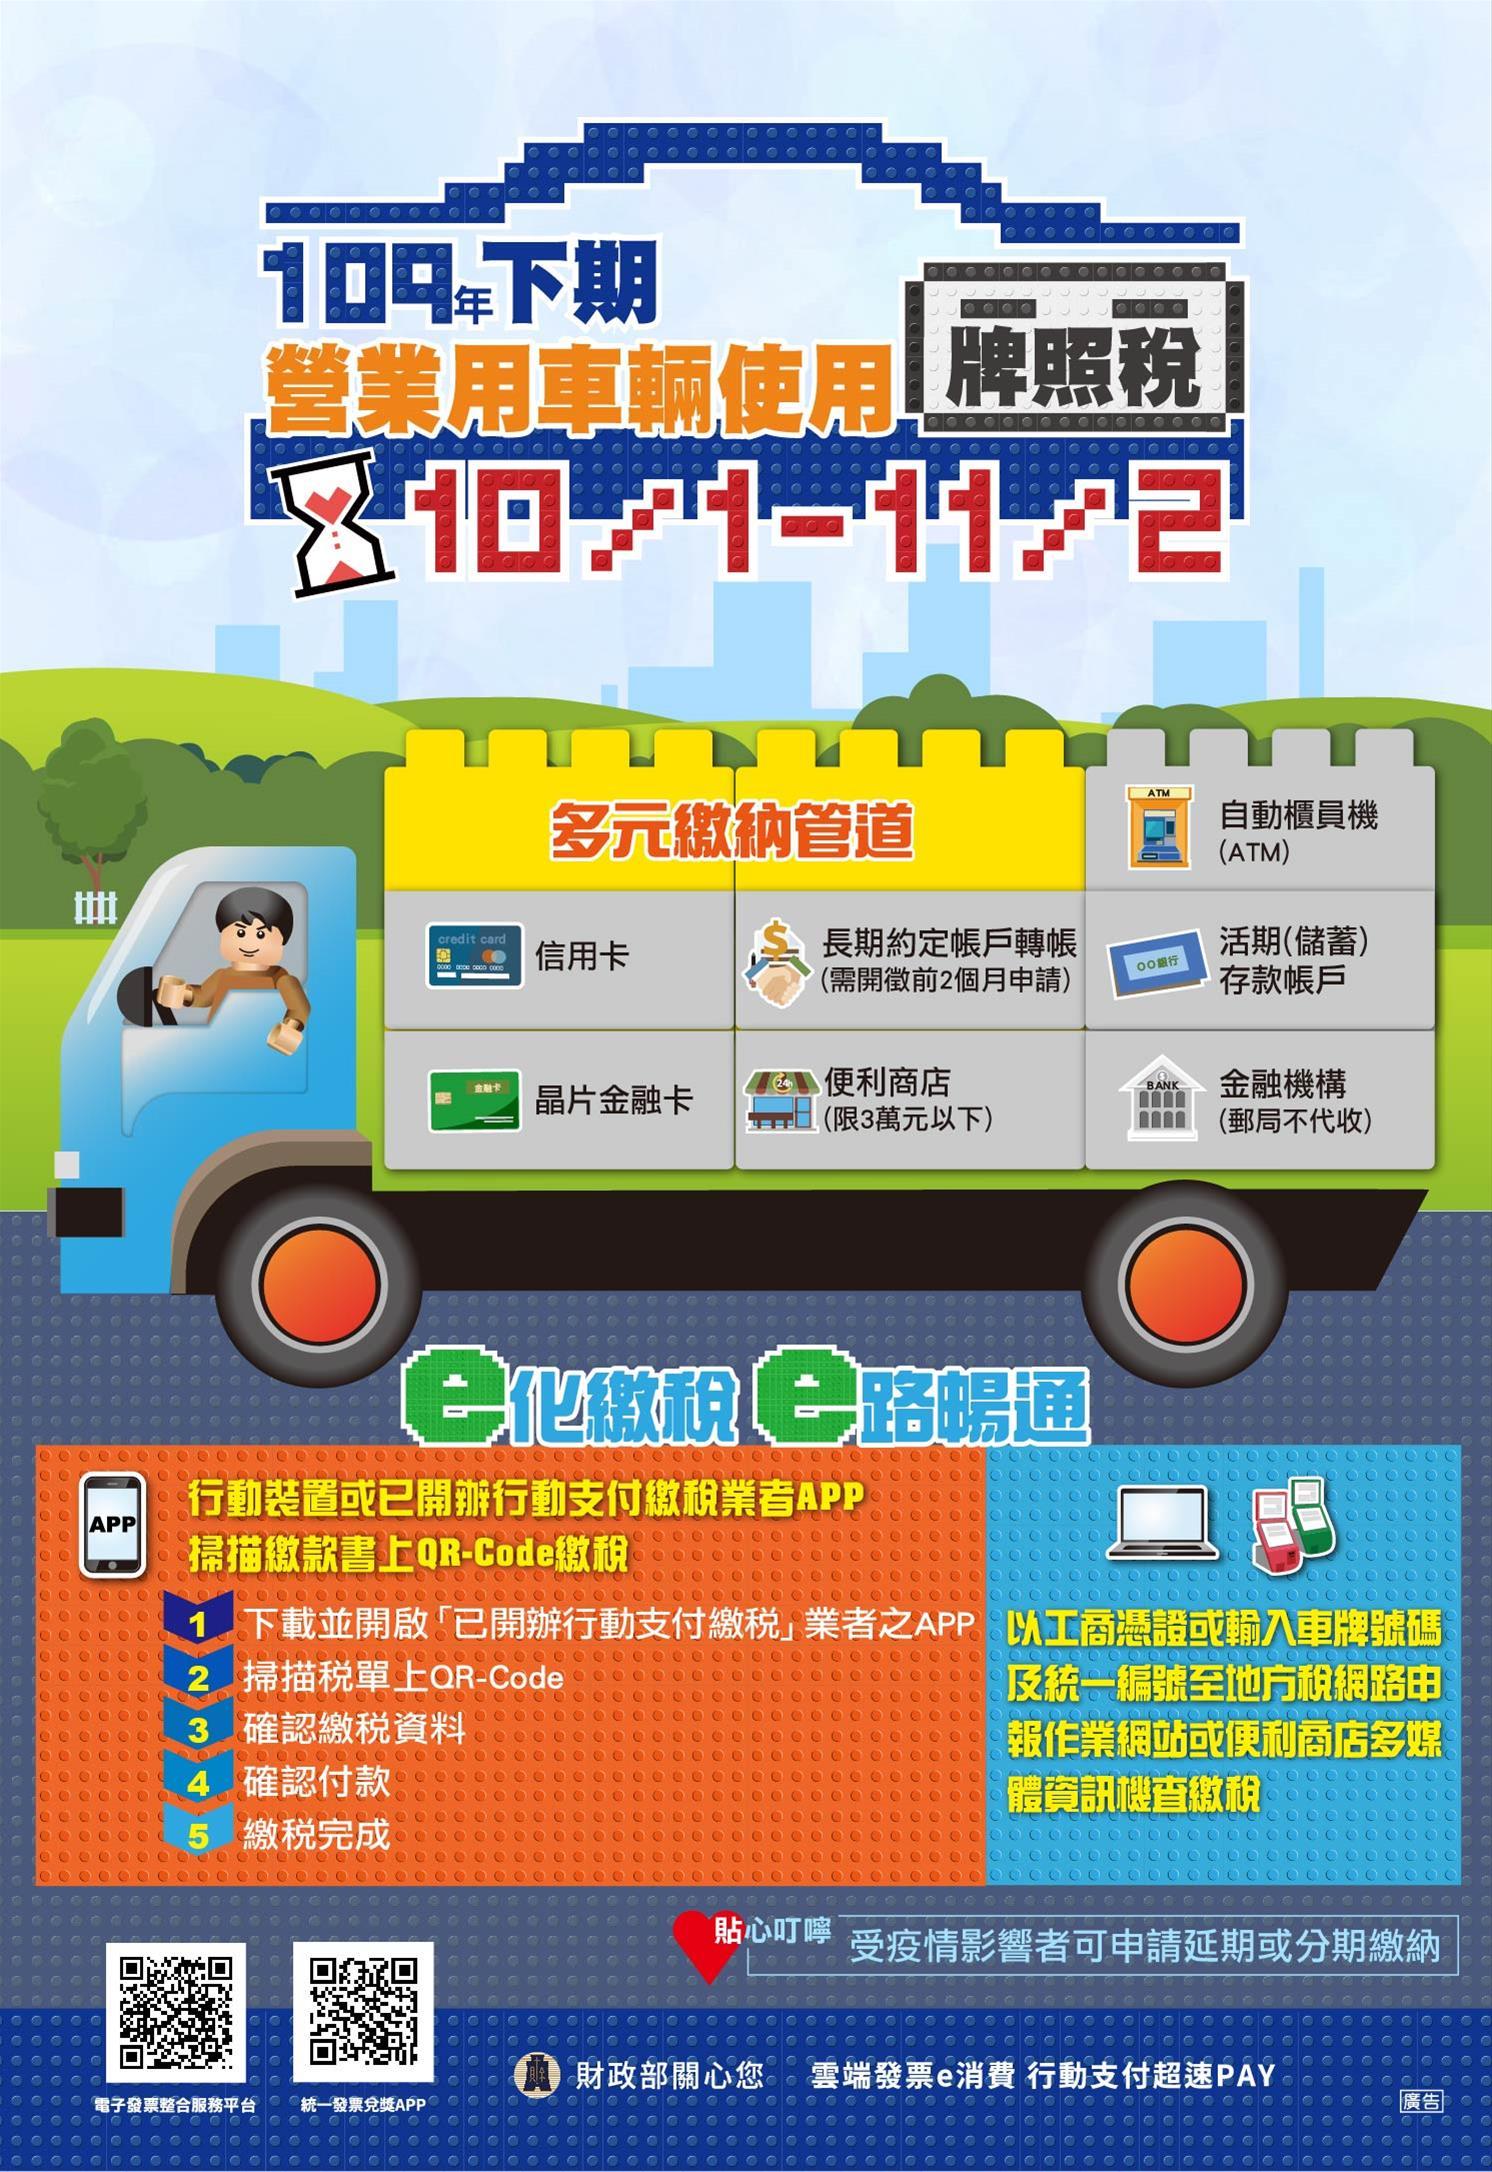 中文海報FINAL_109年度全國性使用牌照稅宣導案第2期_下期營業用車輛使用牌照稅